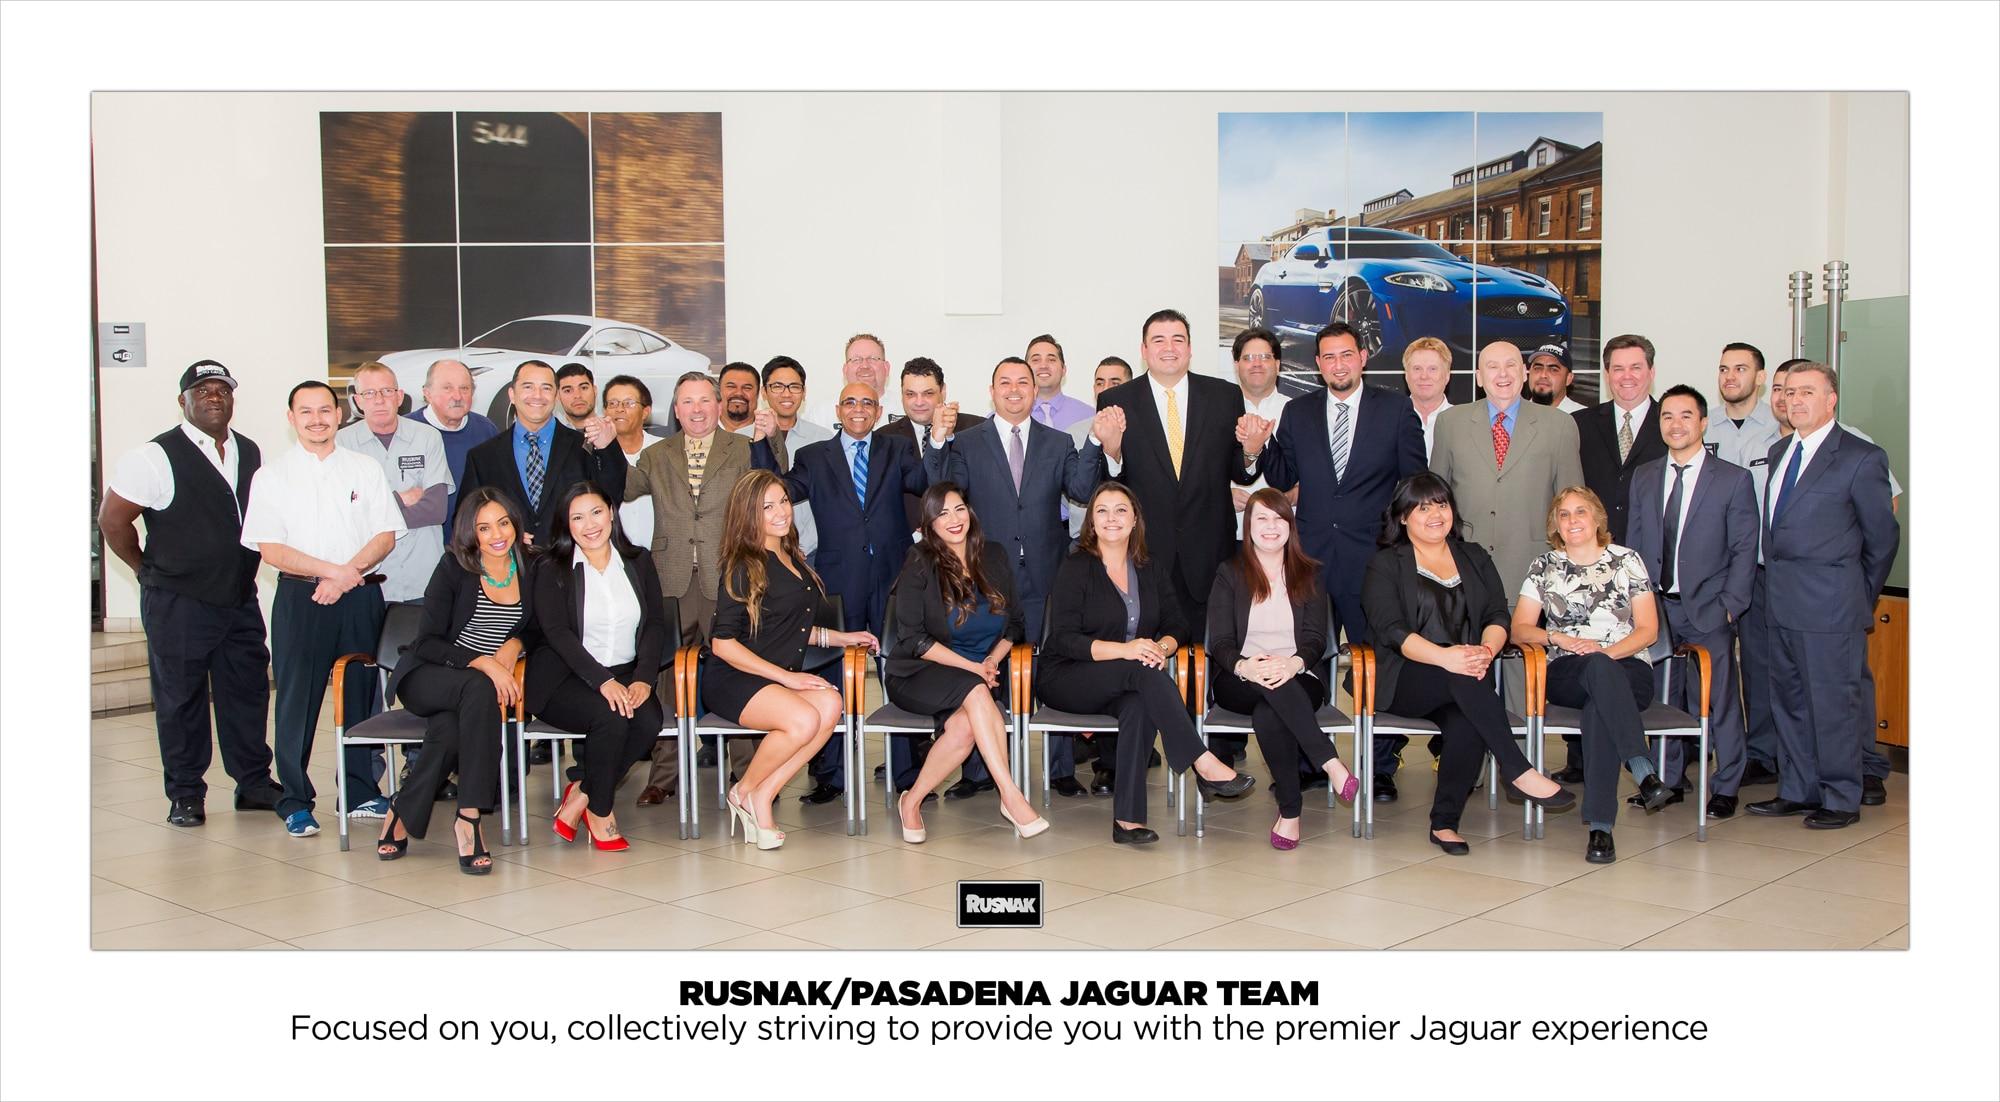 Performance Rusnak Pasadena Jaguar ...